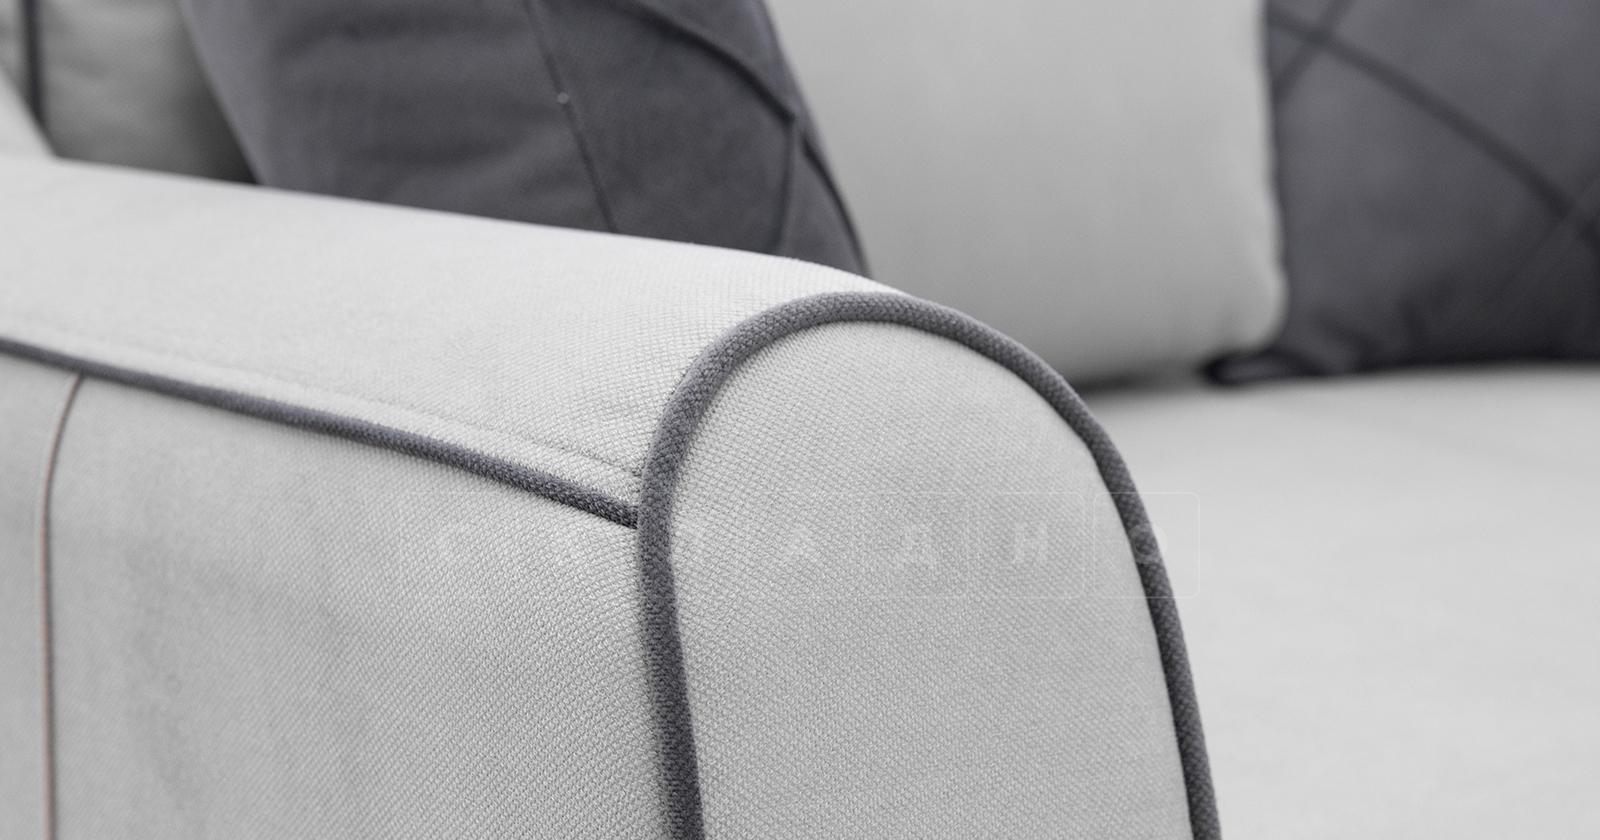 Диван-кровать угловой Флэтфорд светло-серый фото 11 | интернет-магазин Складно